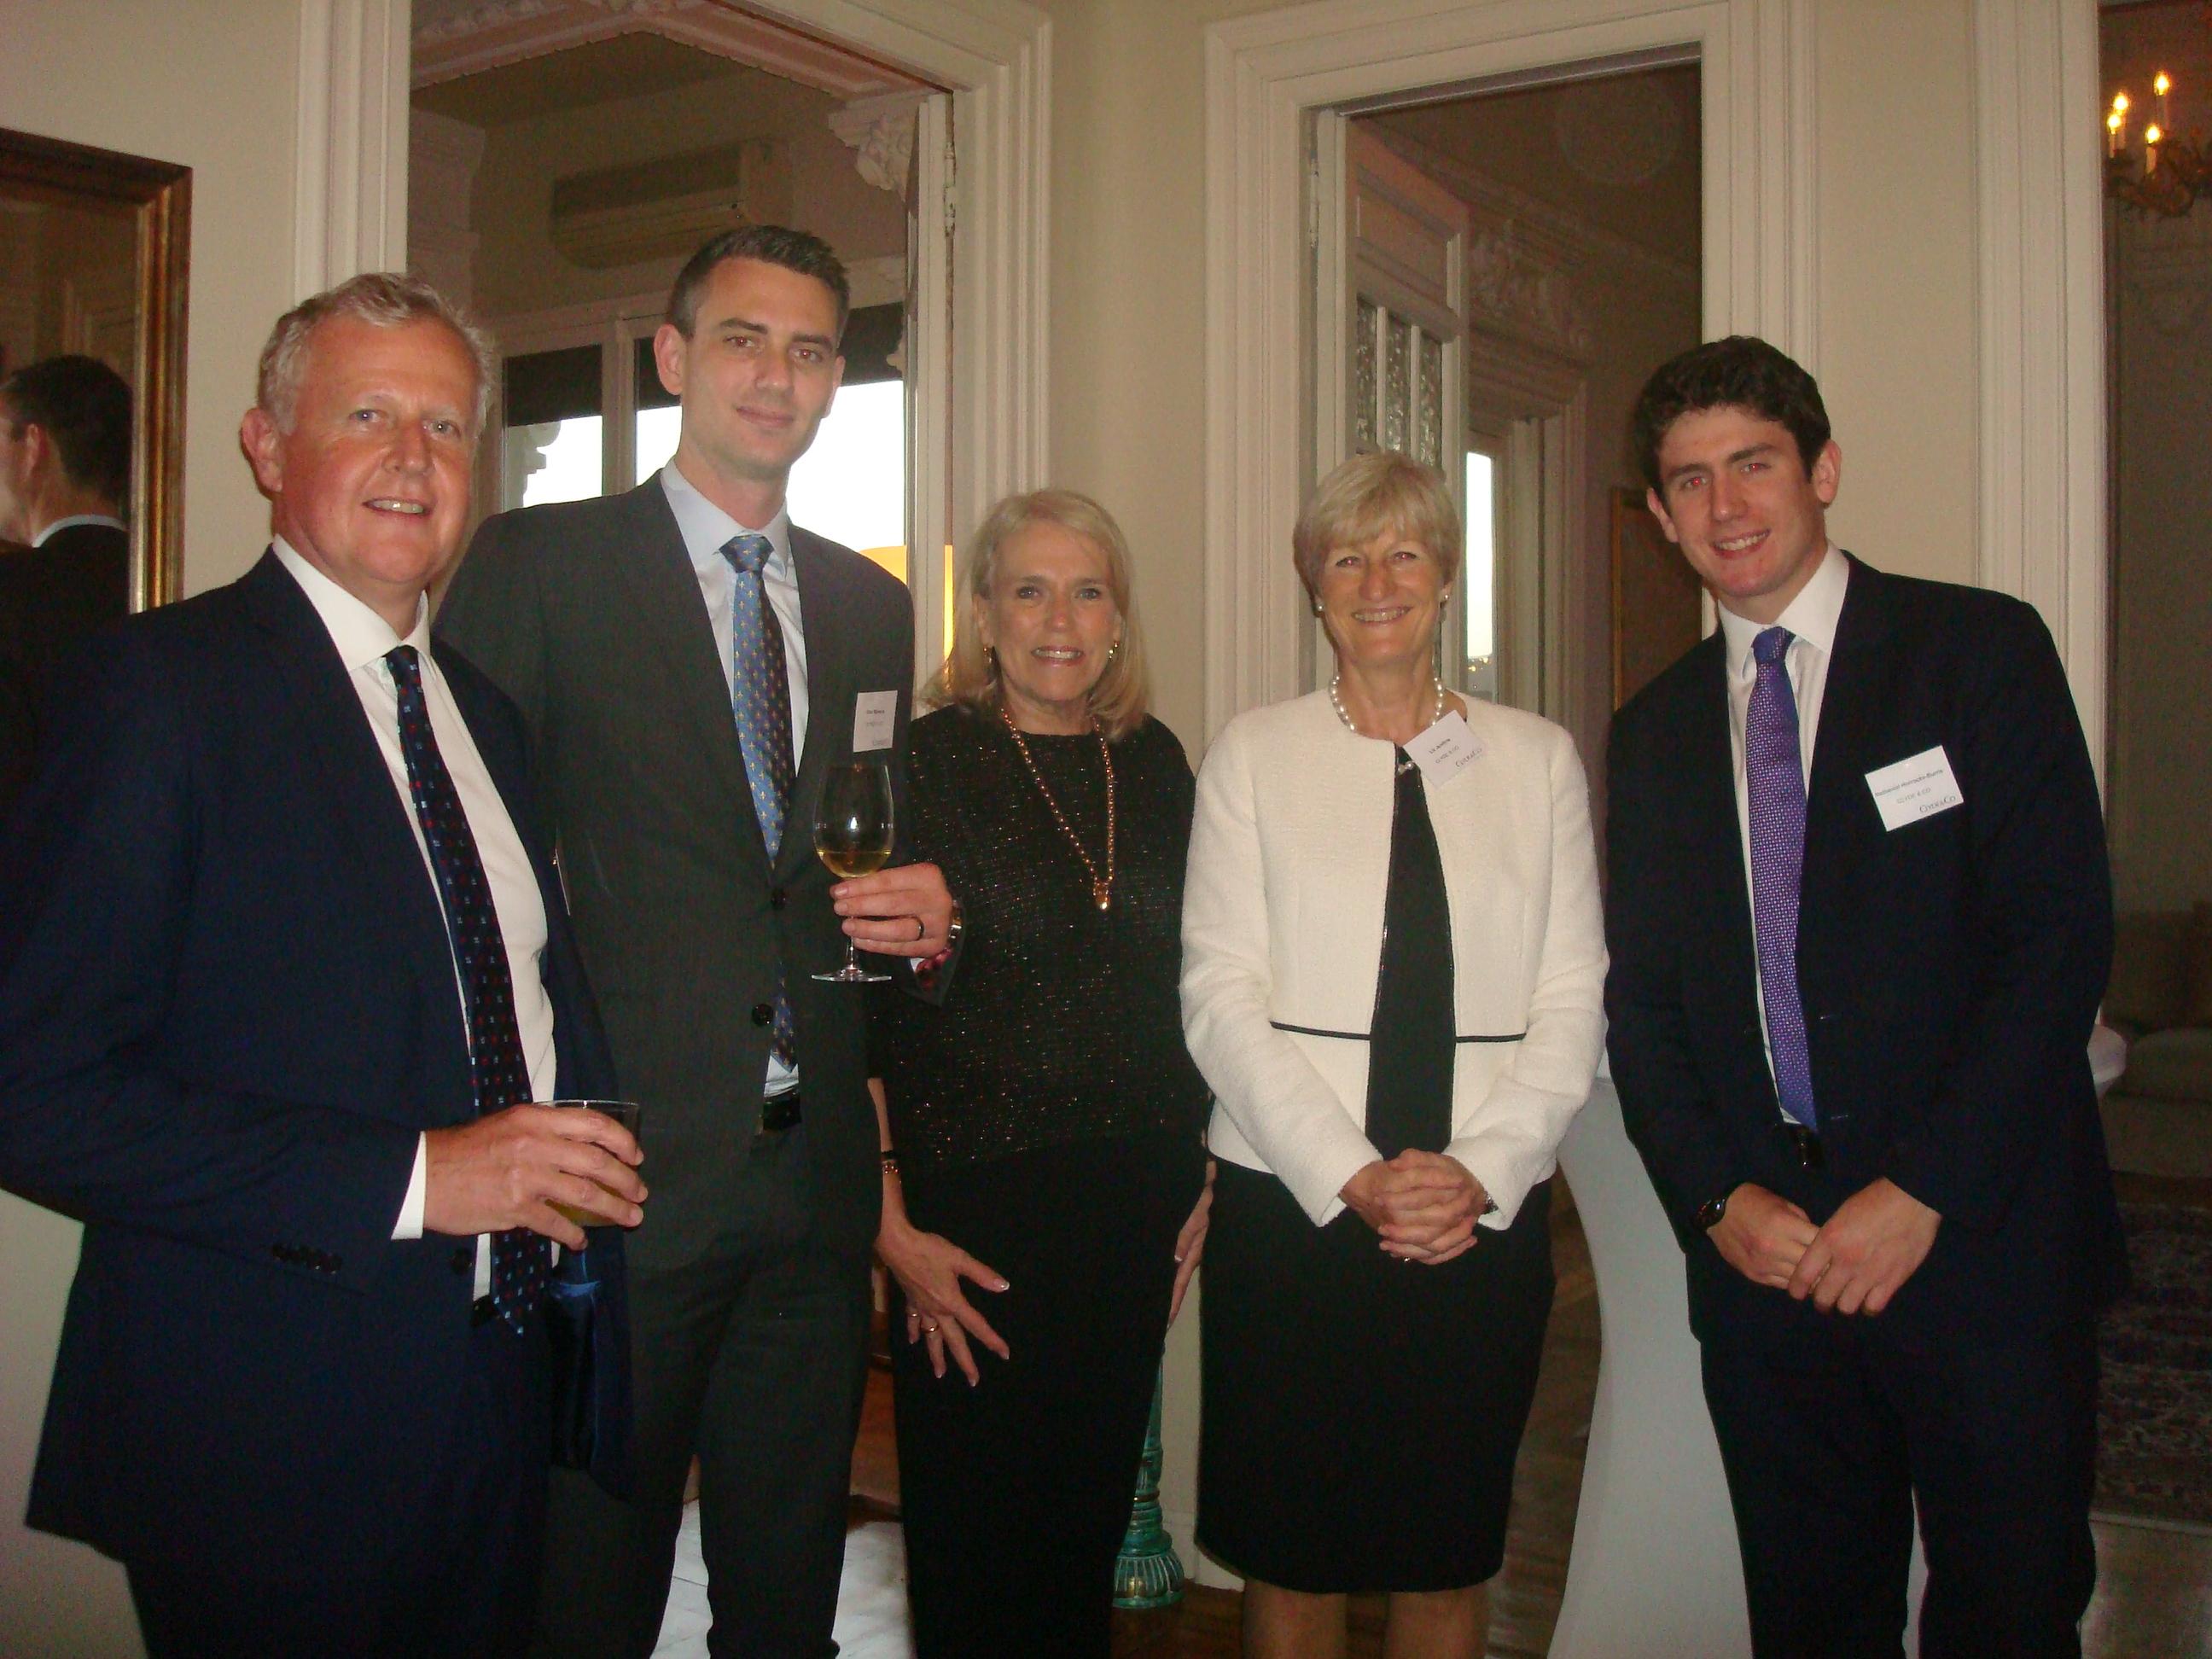 cocktail-del-25-de-octubre-celebrado-en-la-residencia-de-la-embajadora-de-australia-y-organizado-conjuntamente-entre-clyde-co-y-asba